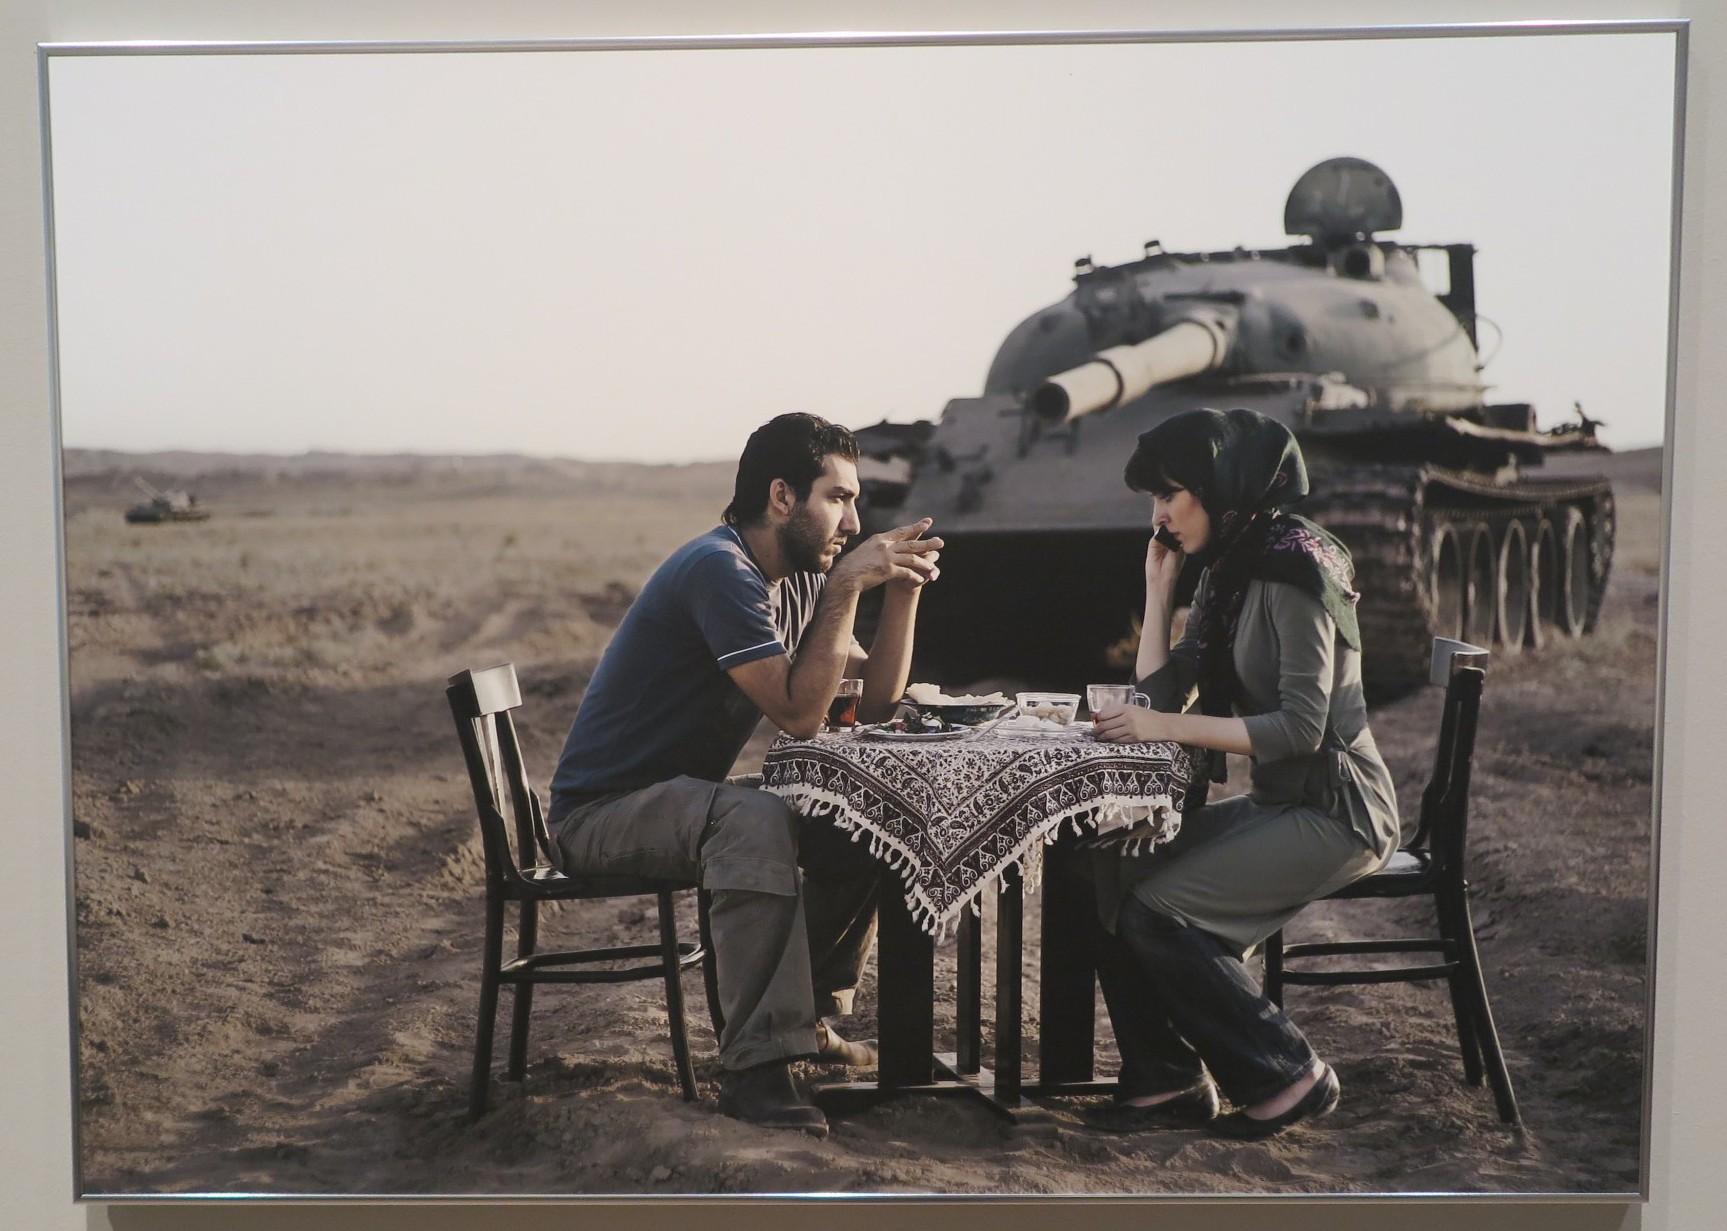 Gohar Dashti Todays life and war, 2008